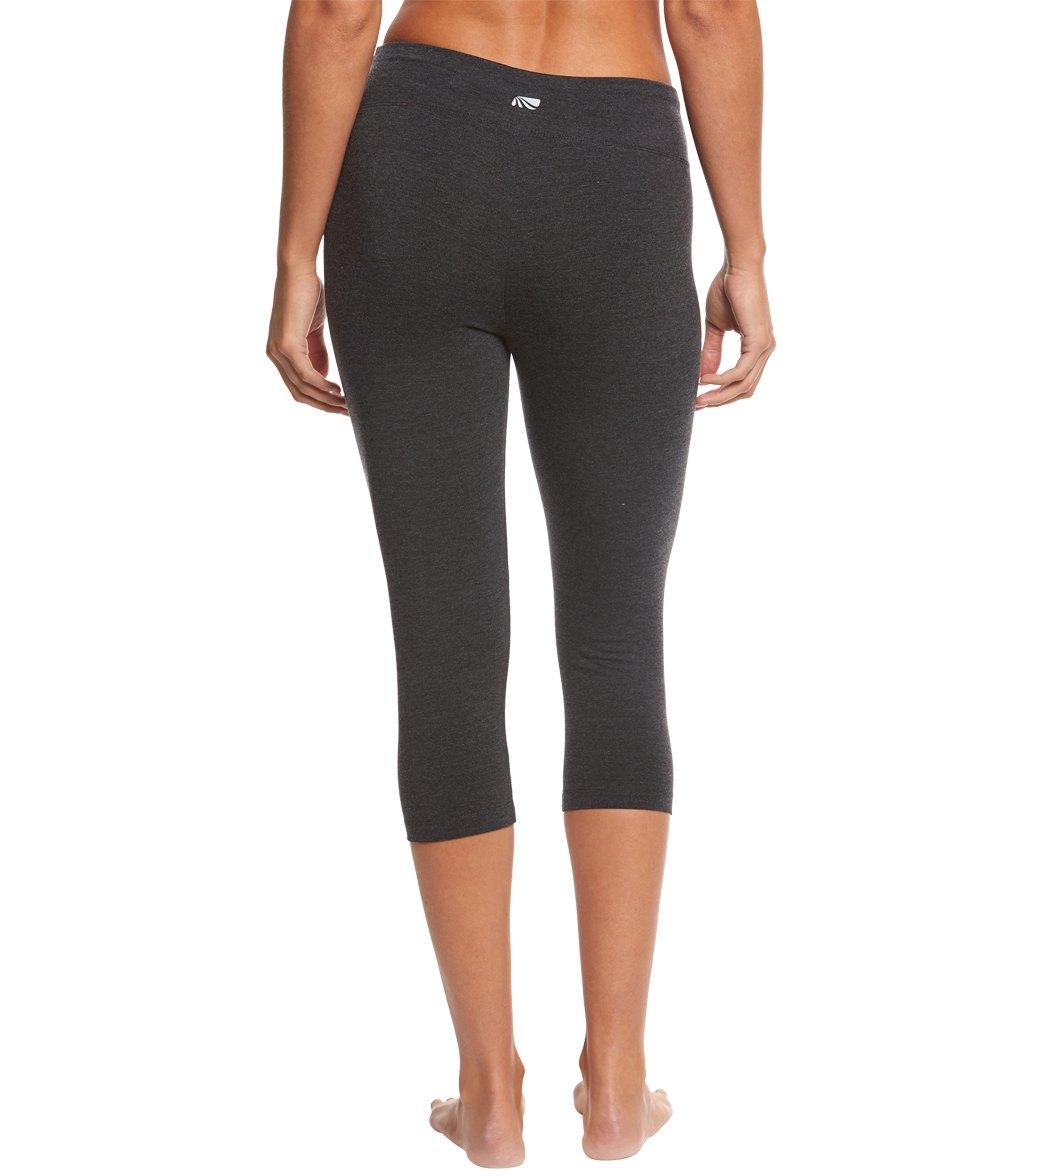 254713fe0e Marika Tummy Control Cotton Yoga Capris at YogaOutlet.com - Free ...